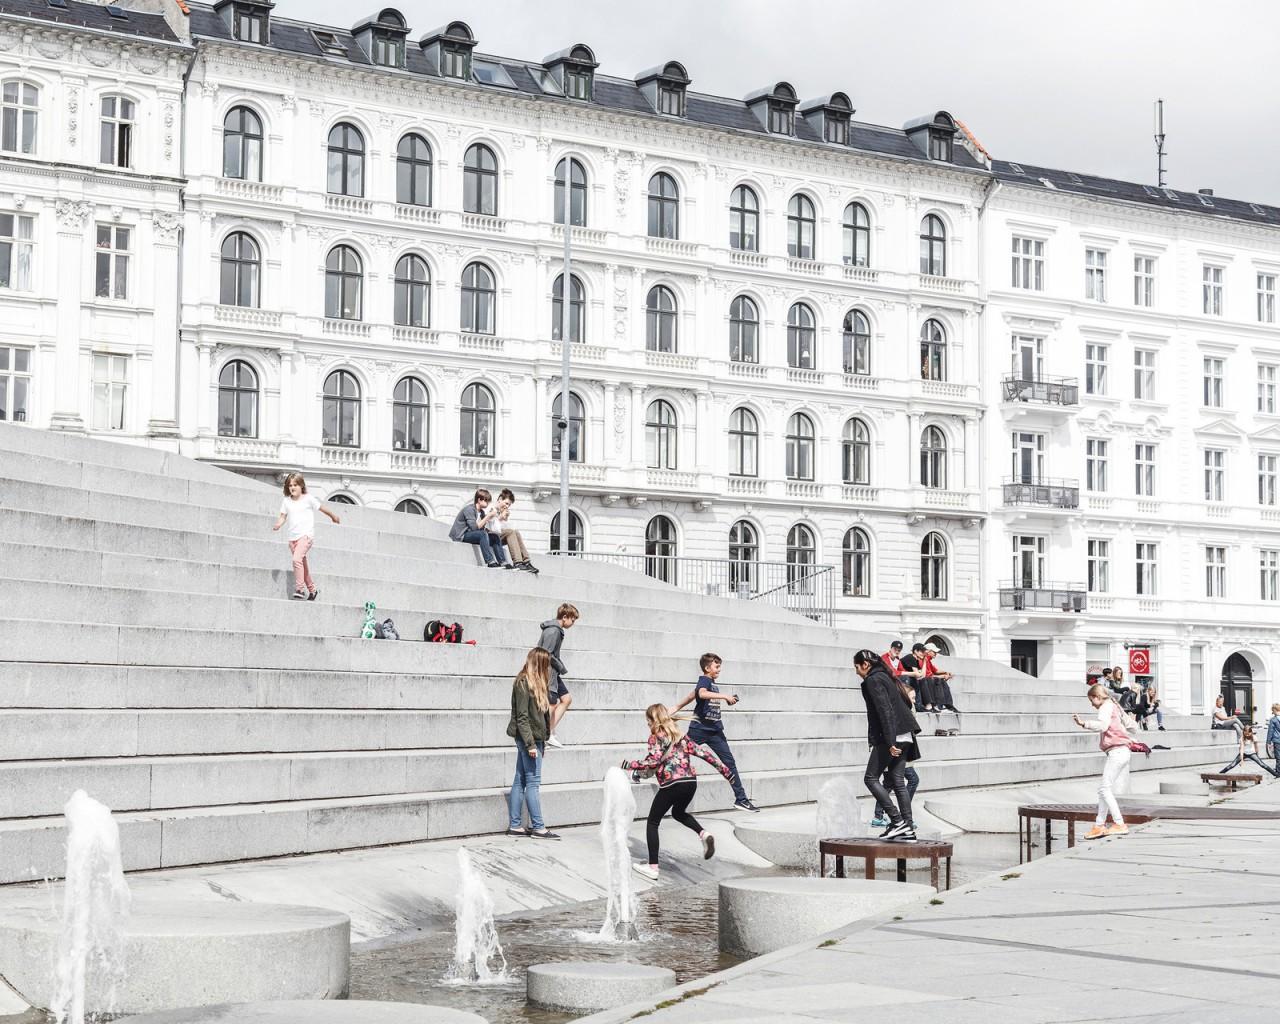 Как выглядит площадь Израиля в Копенгагене